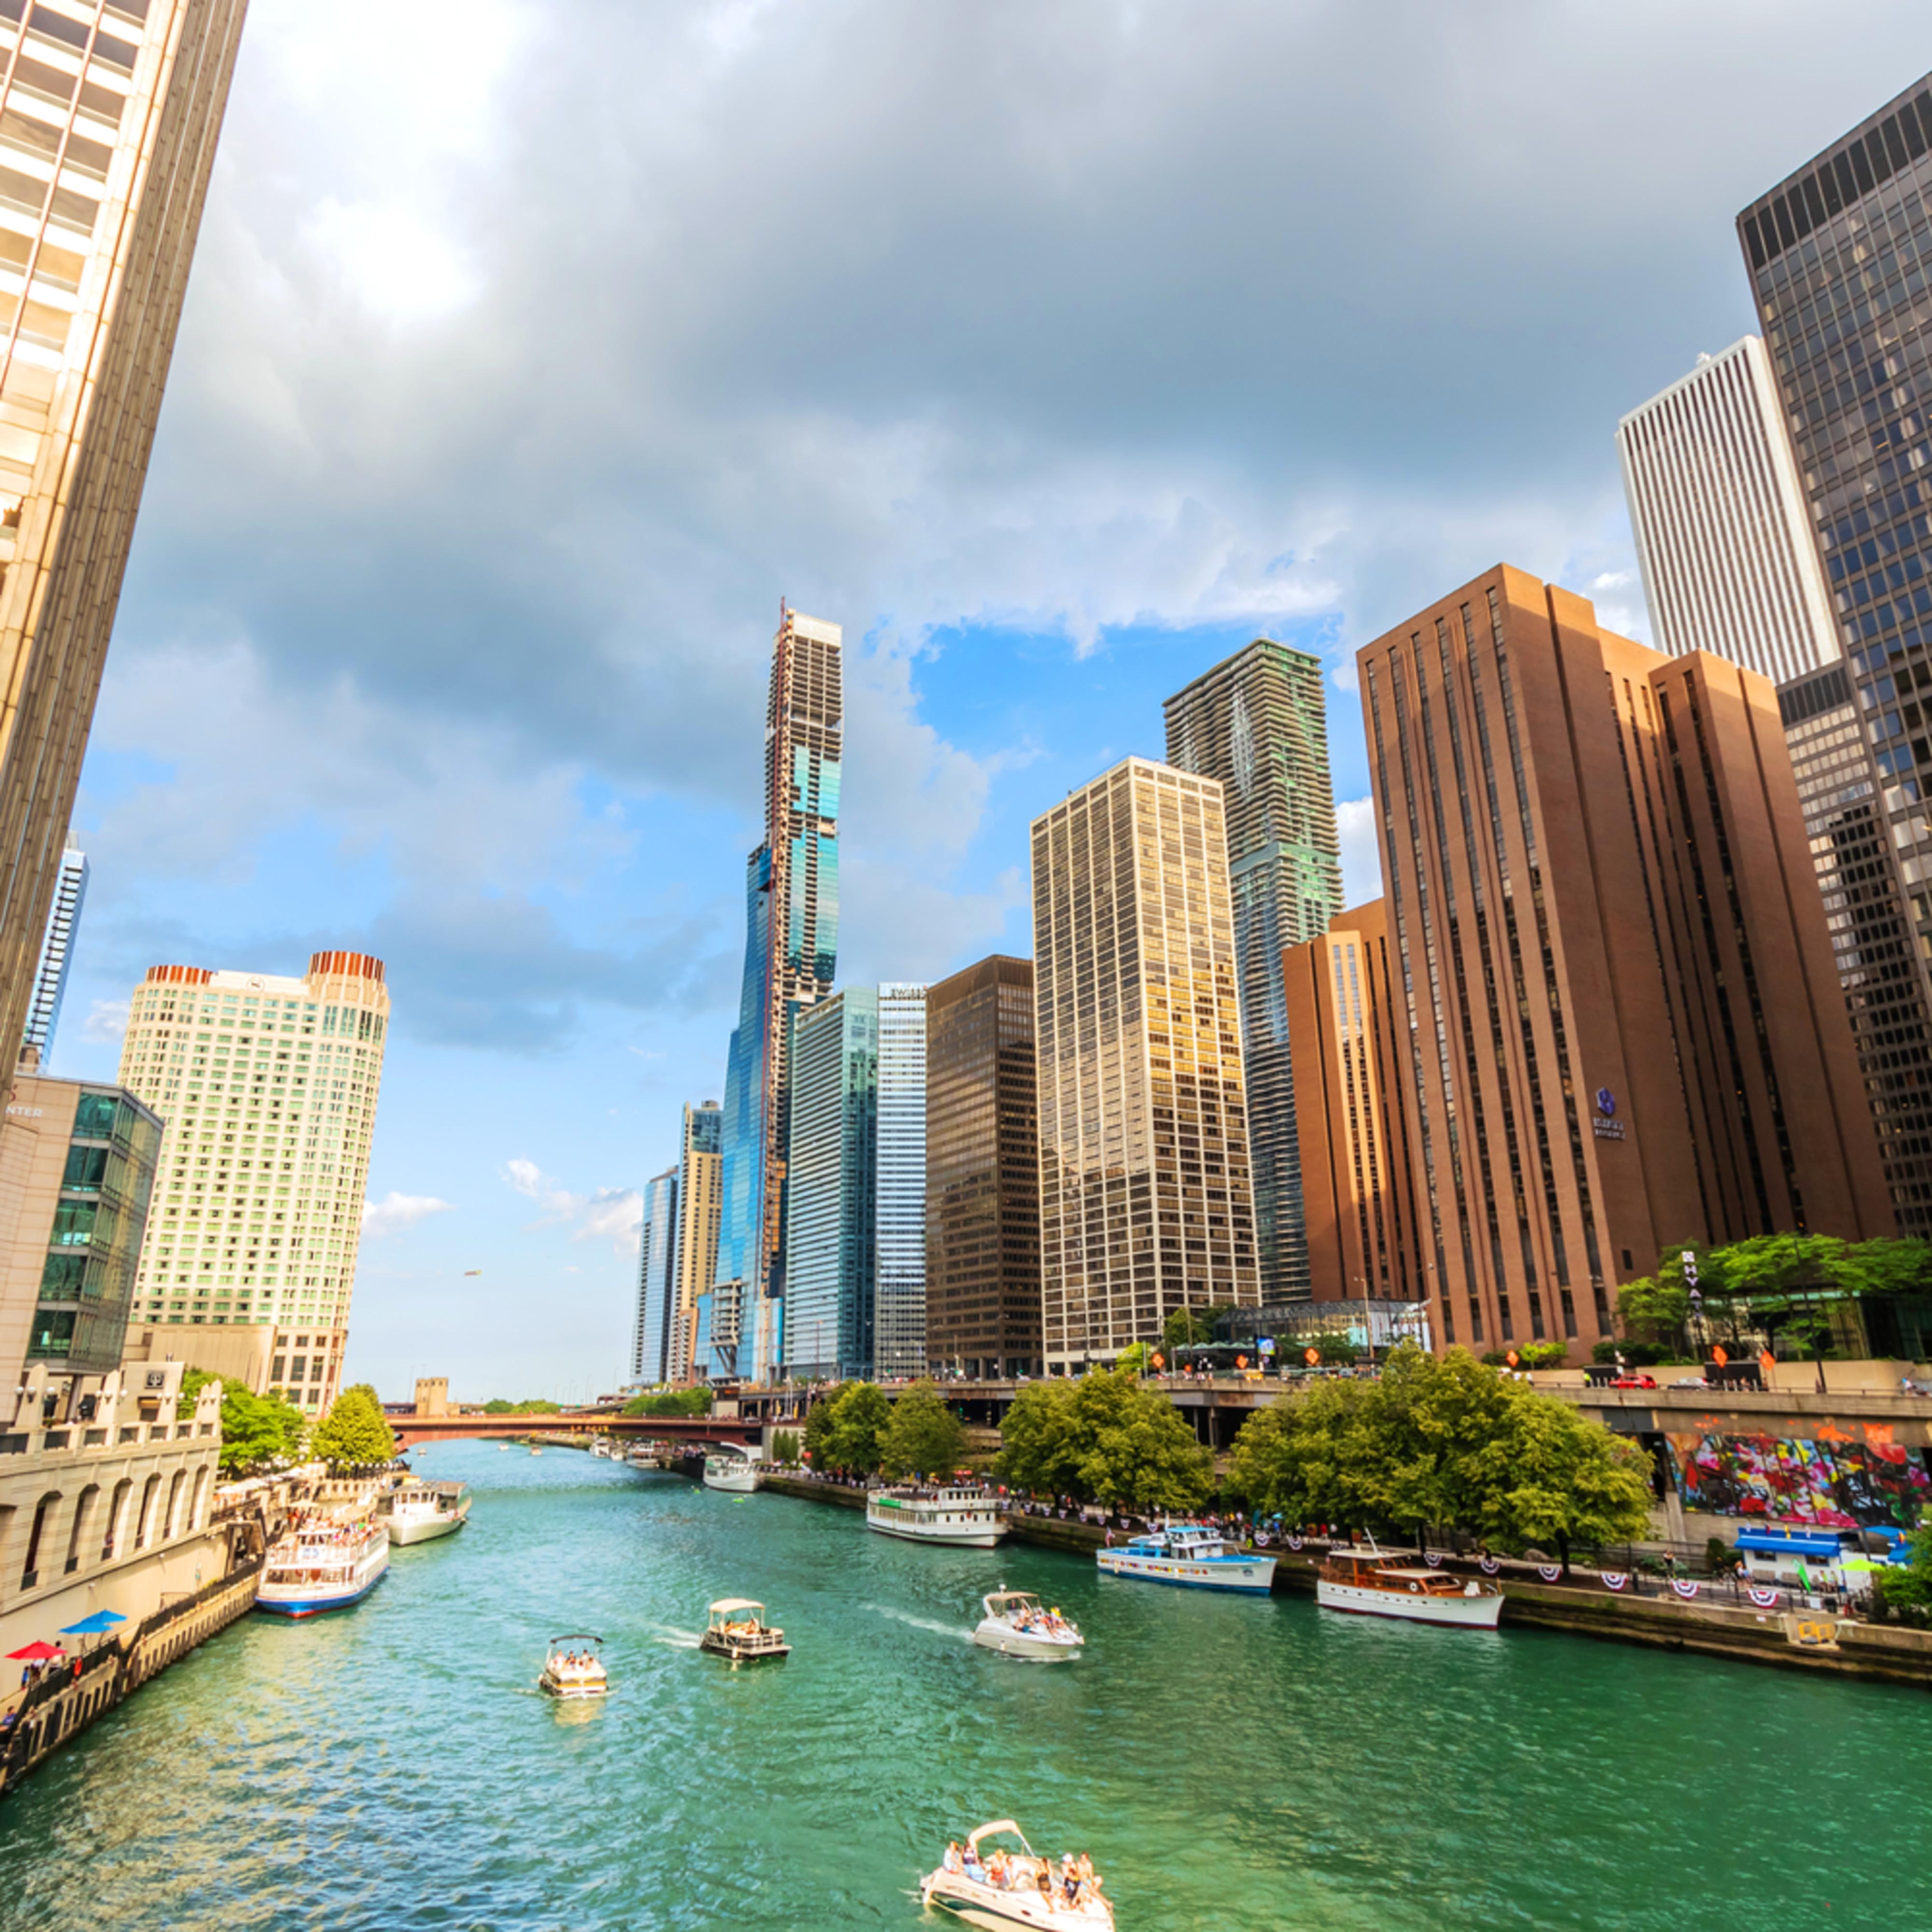 Chicago river at michigan avenue dldkfv